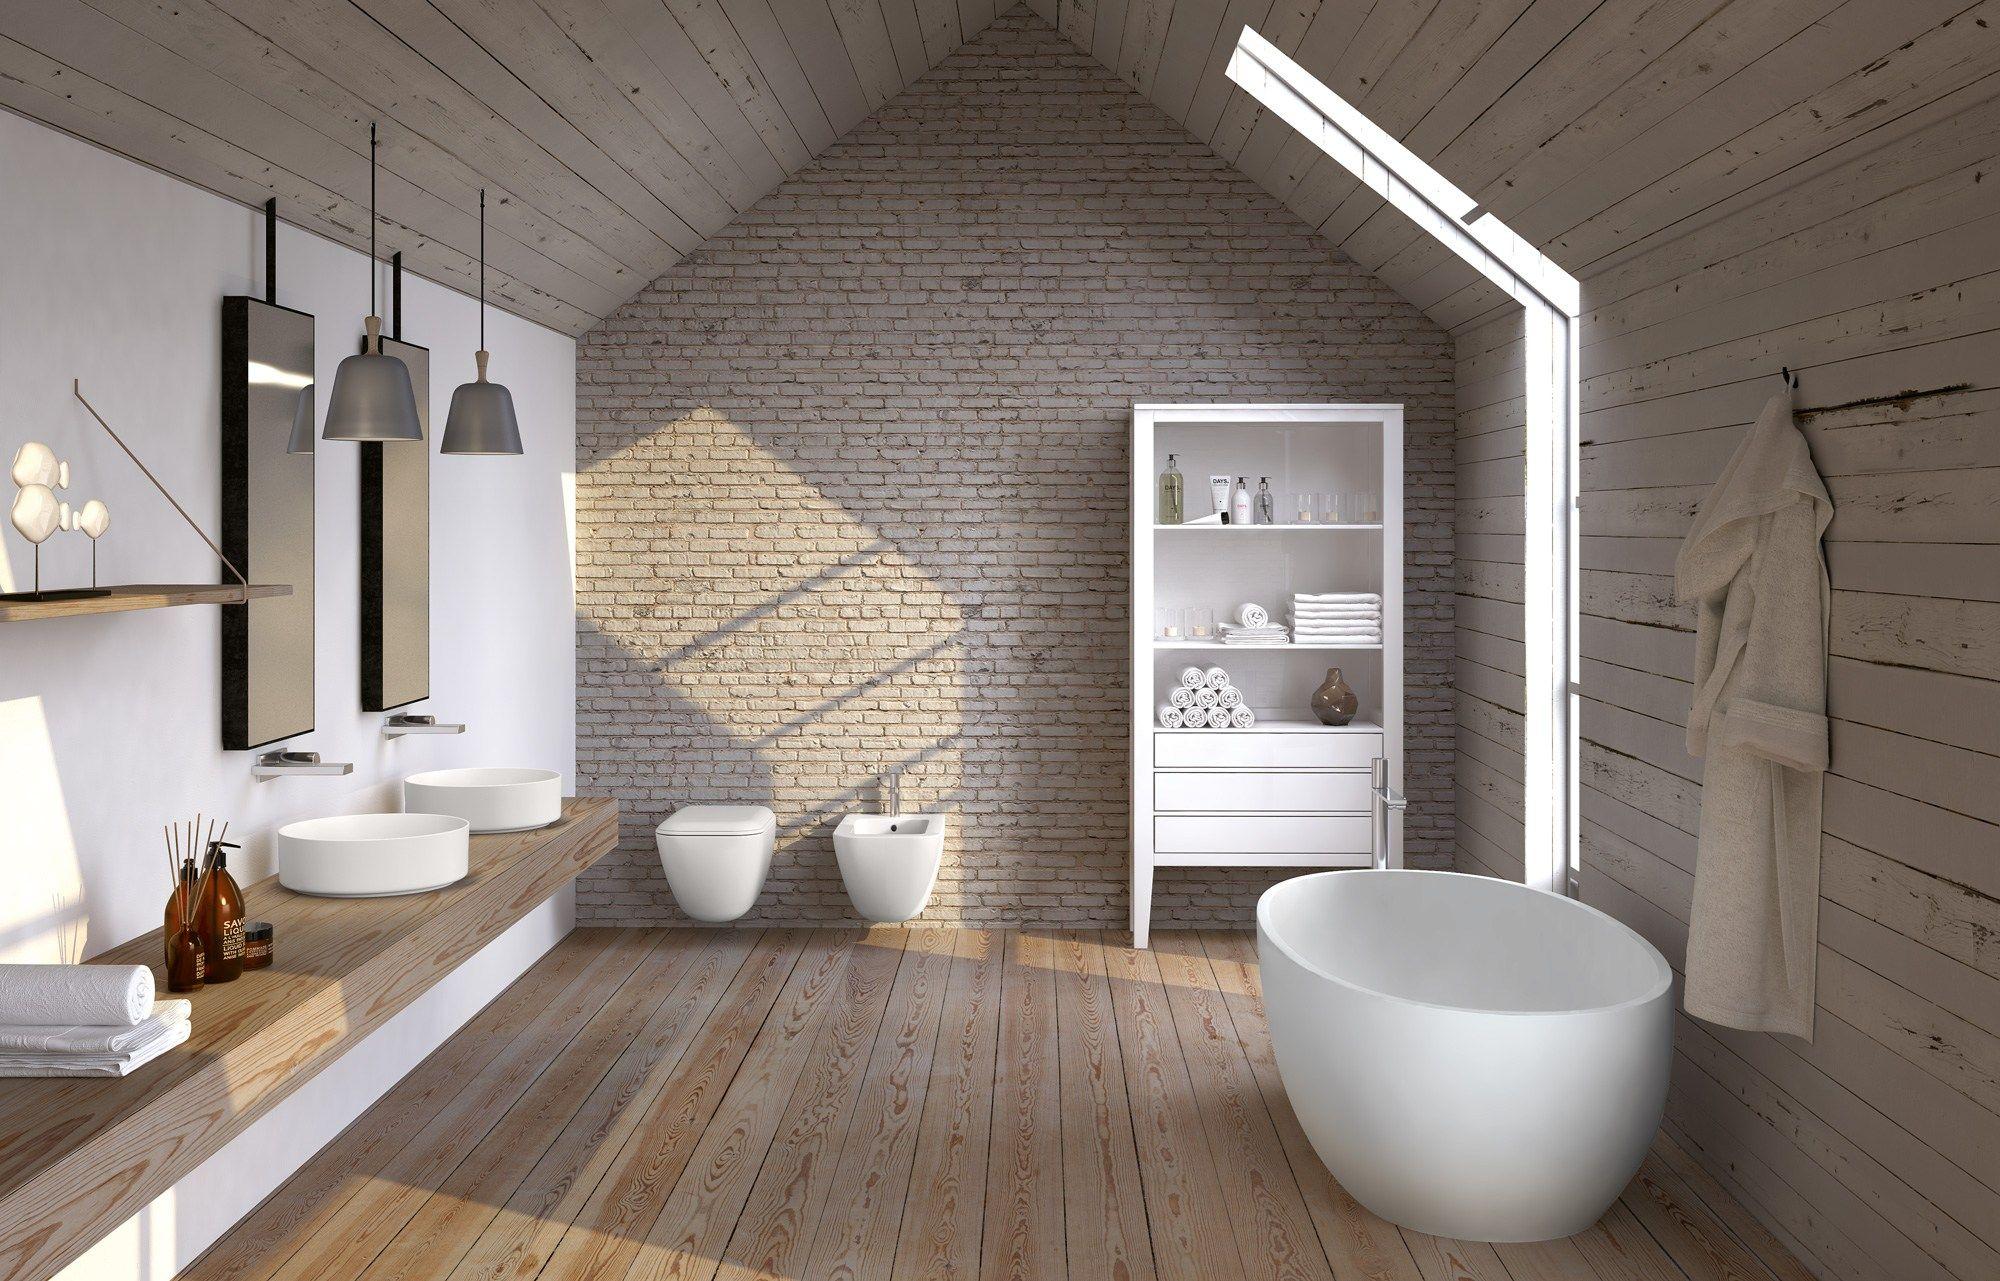 Shui comfort vasca da bagno by ceramica cielo design paolo - Vasca da bagno in cemento ...